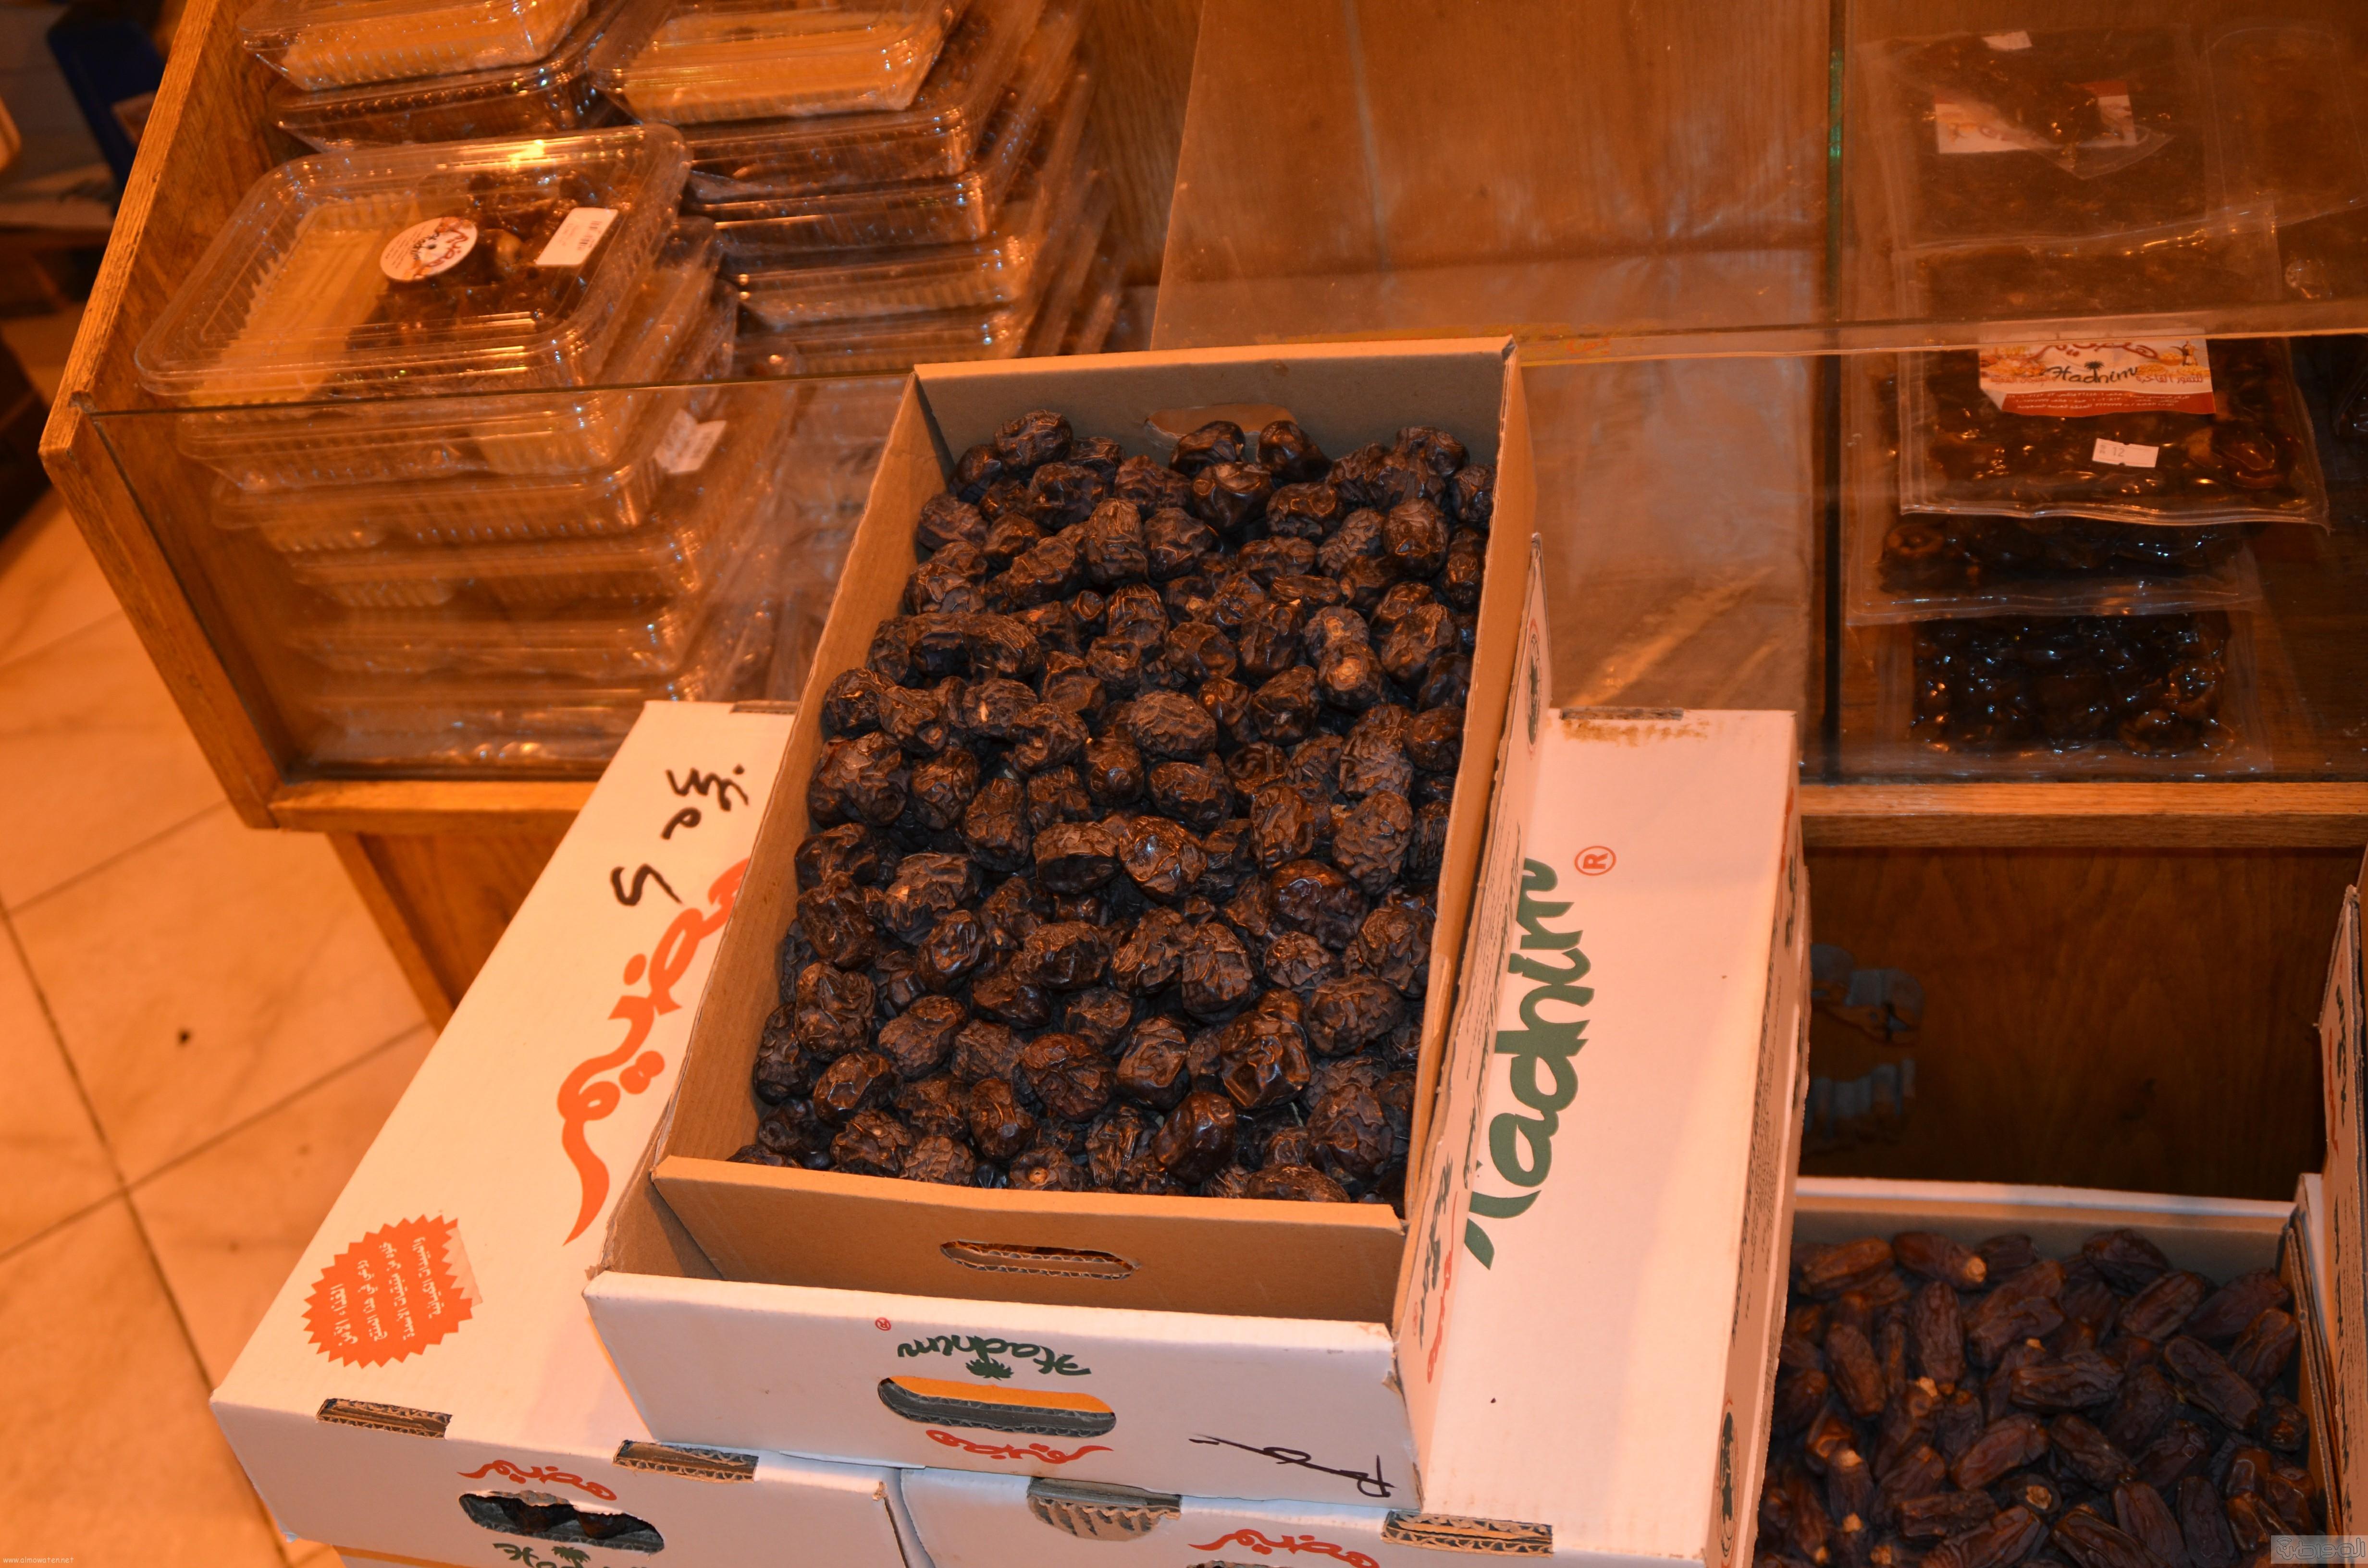 جولة باسواق الحلويات والتمور في جدة قبل العيد (16)